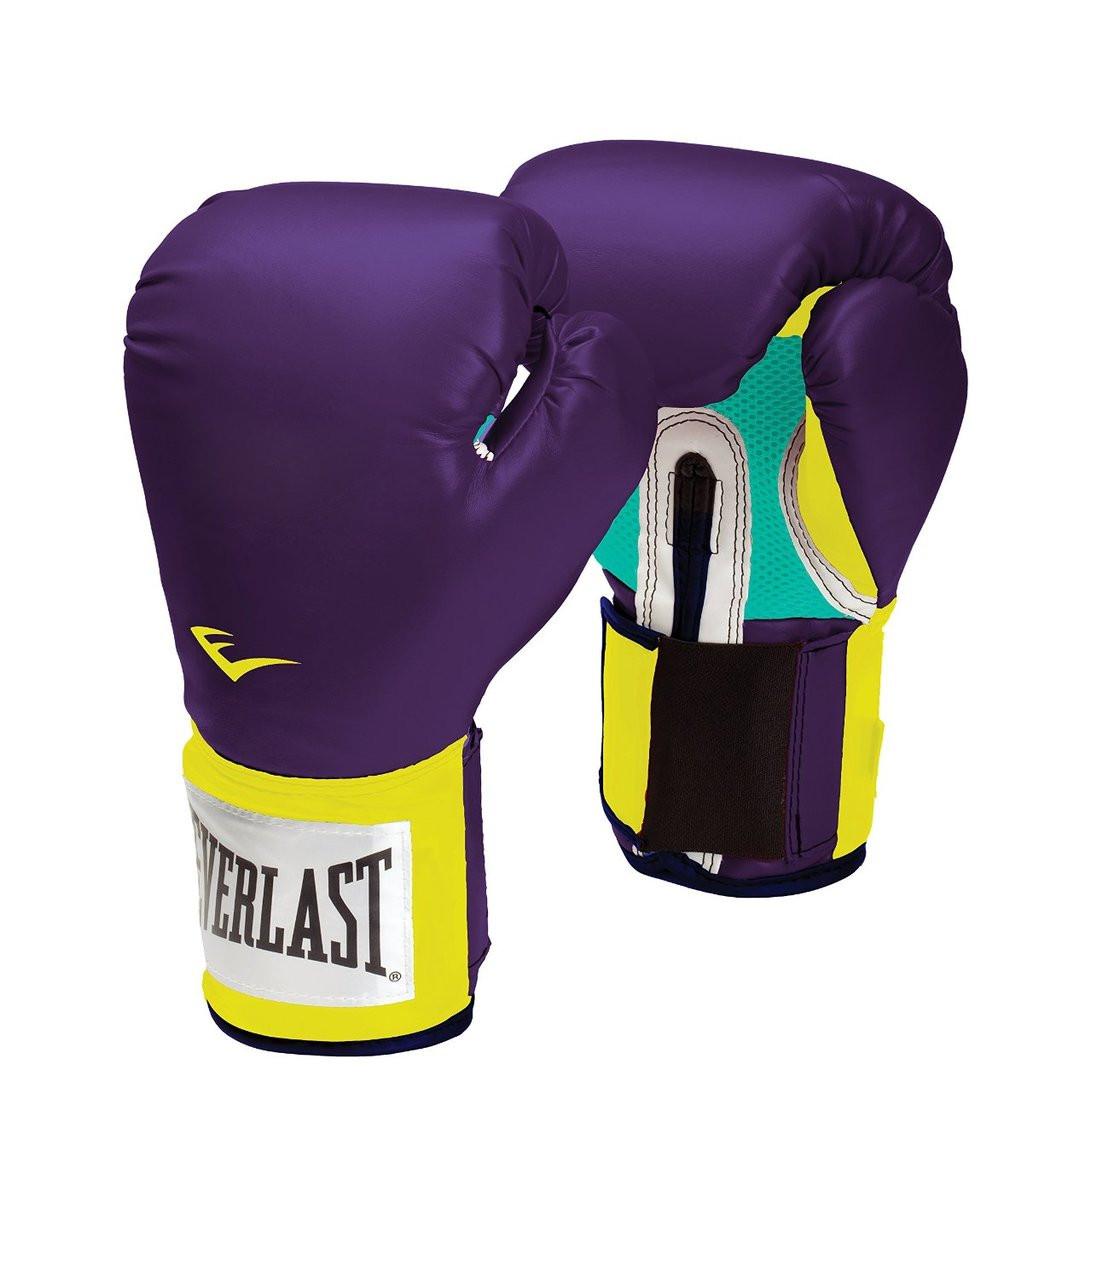 Everlast  Pro Style Boxing Training Gloves